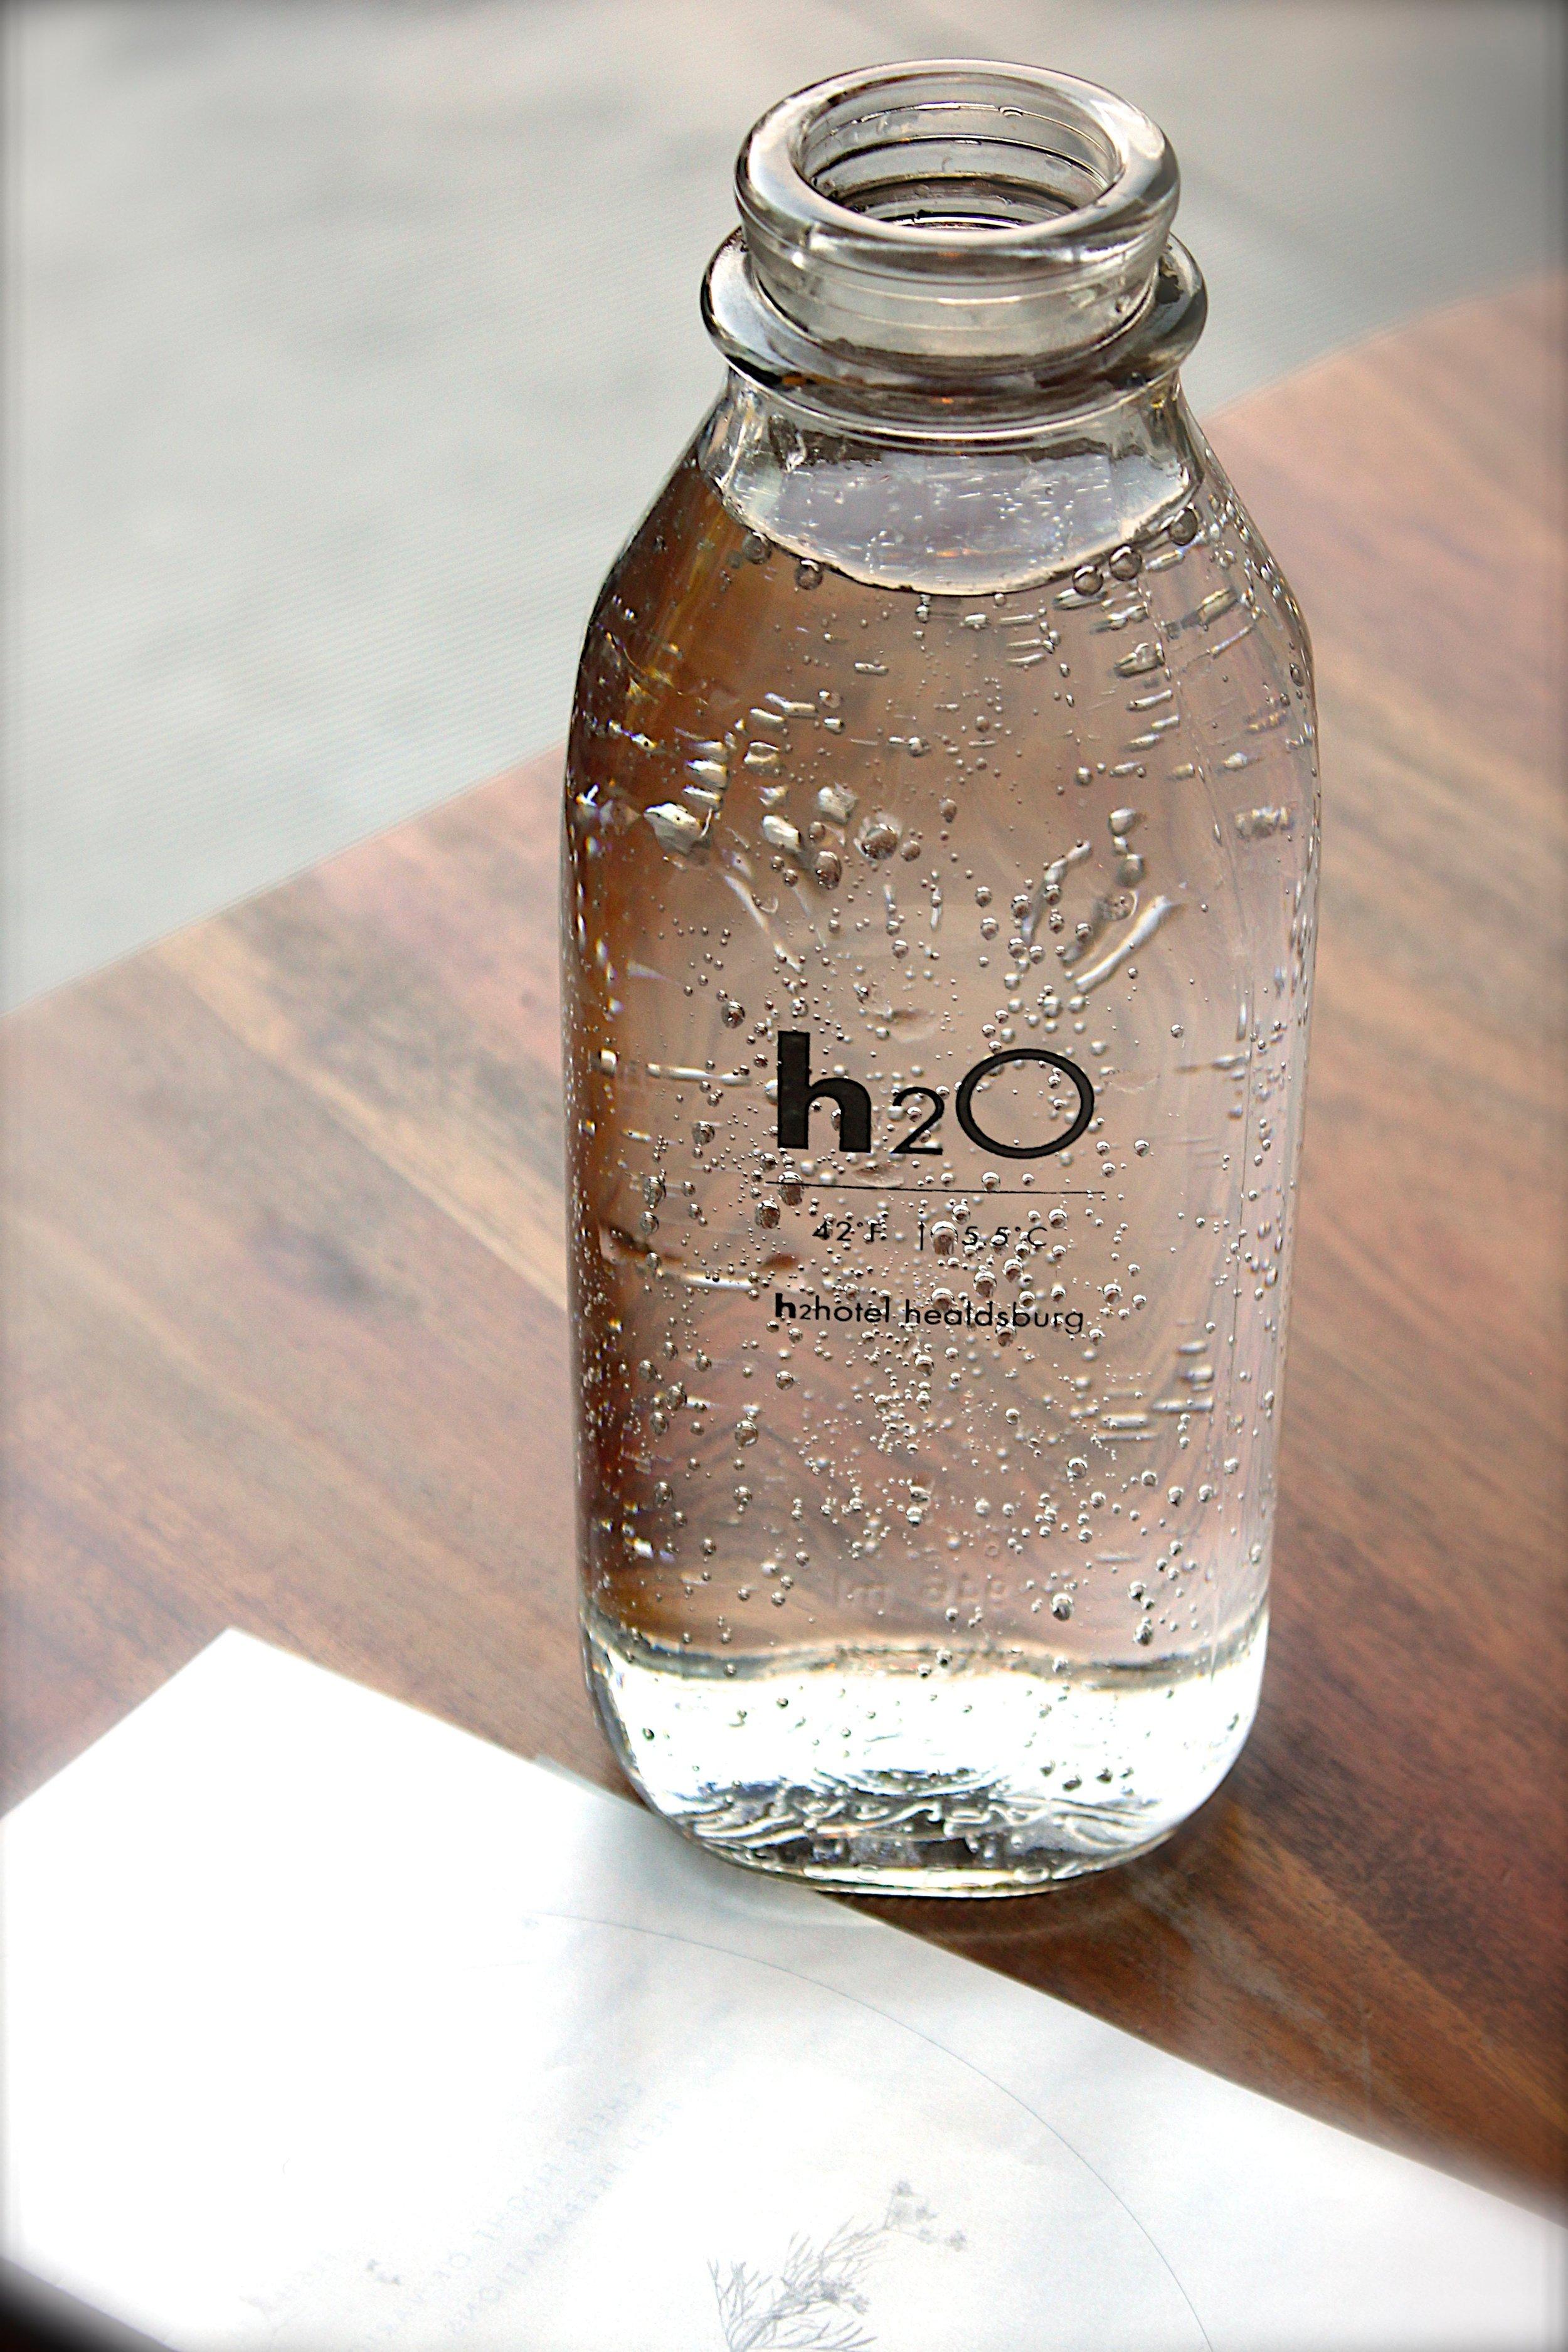 110 bottle-drink-glass-113734.jpg